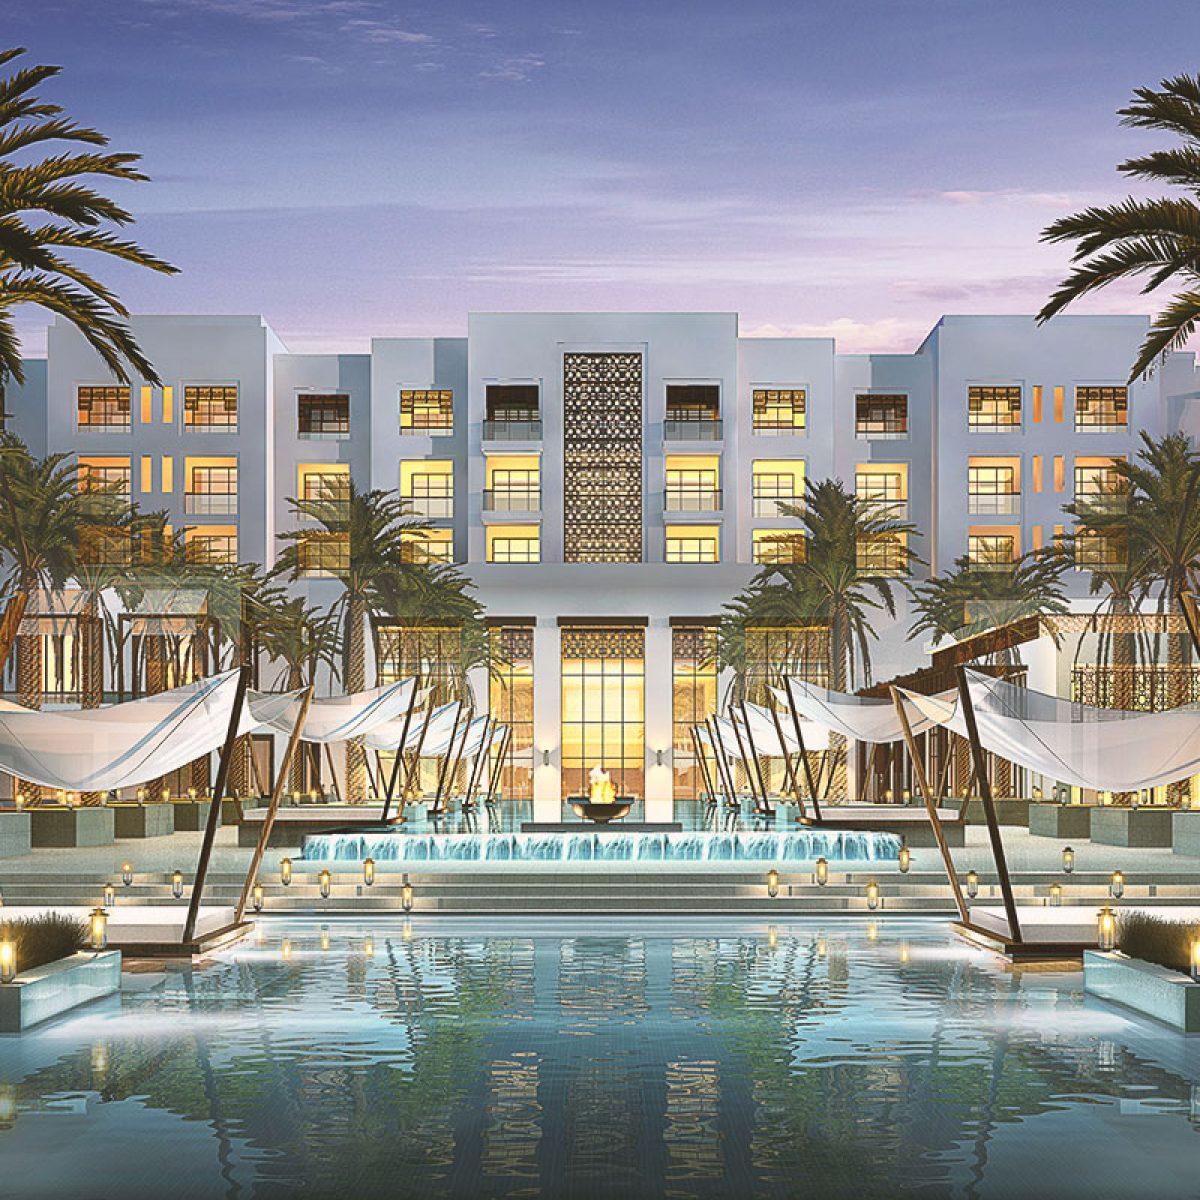 PARK-HYATT-ABU-DHABI-HOTEL-&-VILLAS-4